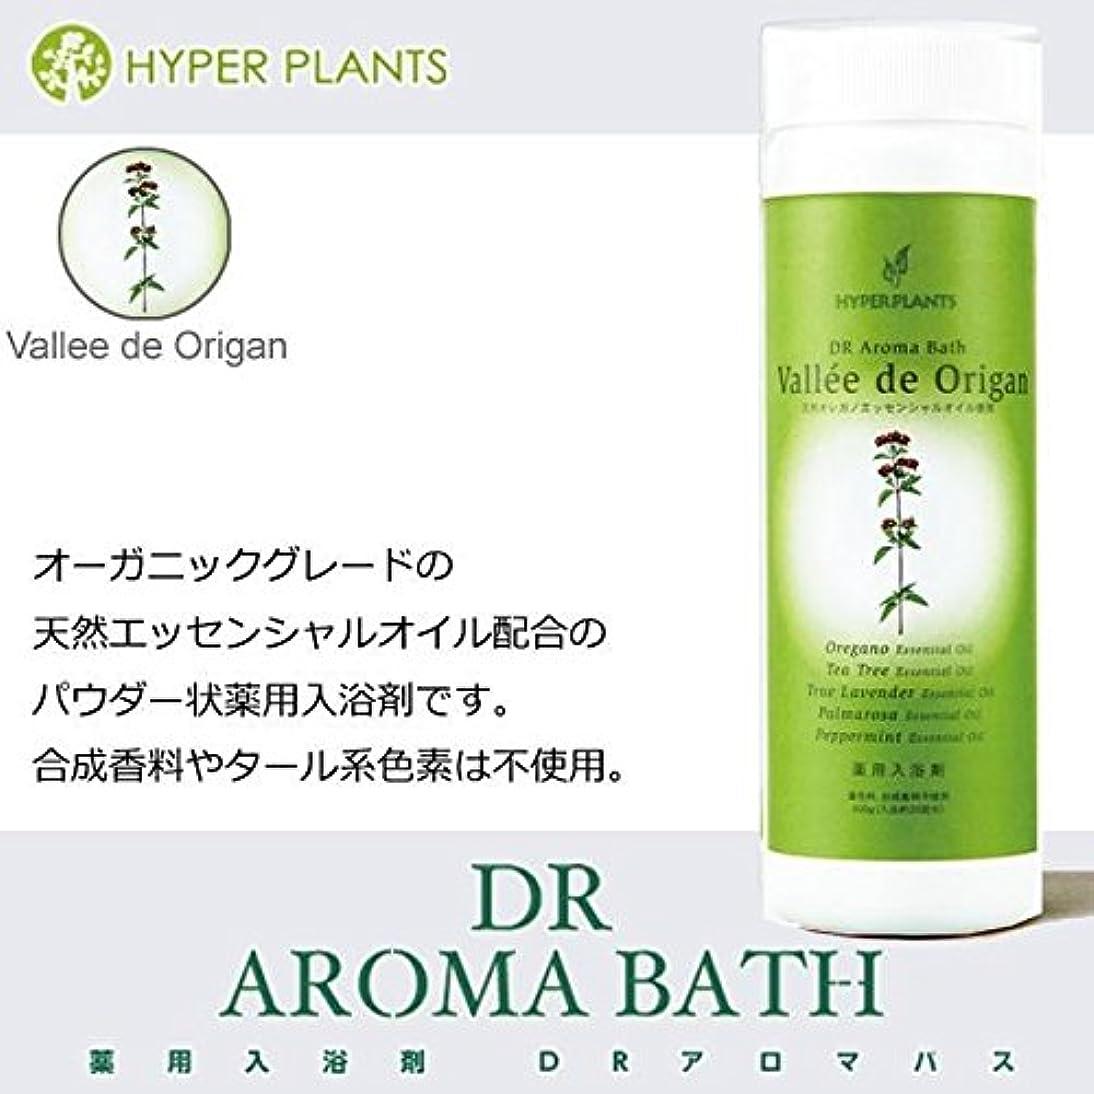 アクティブ予測子僕の医薬部外品 薬用入浴剤 ハイパープランツ(HYPER PLANTS) DRアロマバス ヴァレドオリガン 500g HN0218